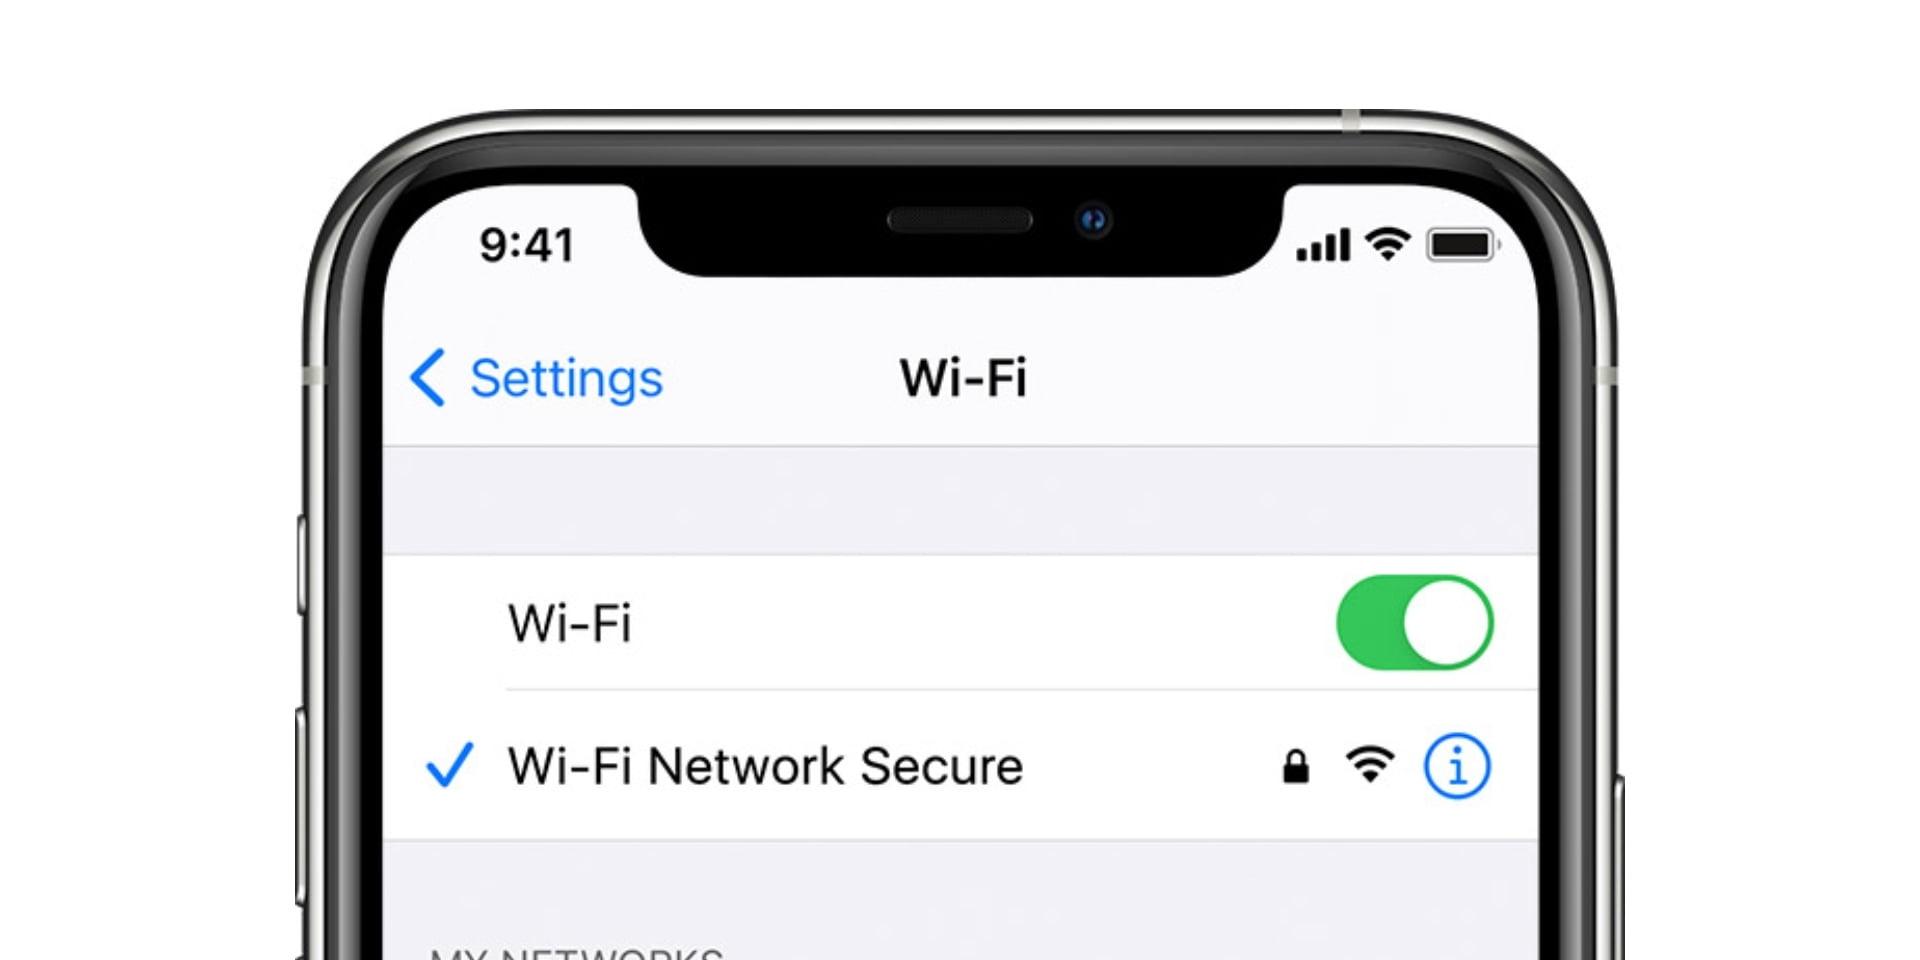 Następna nazwa sieci Wi-Fi wywołuje problemy w iPhone'ach